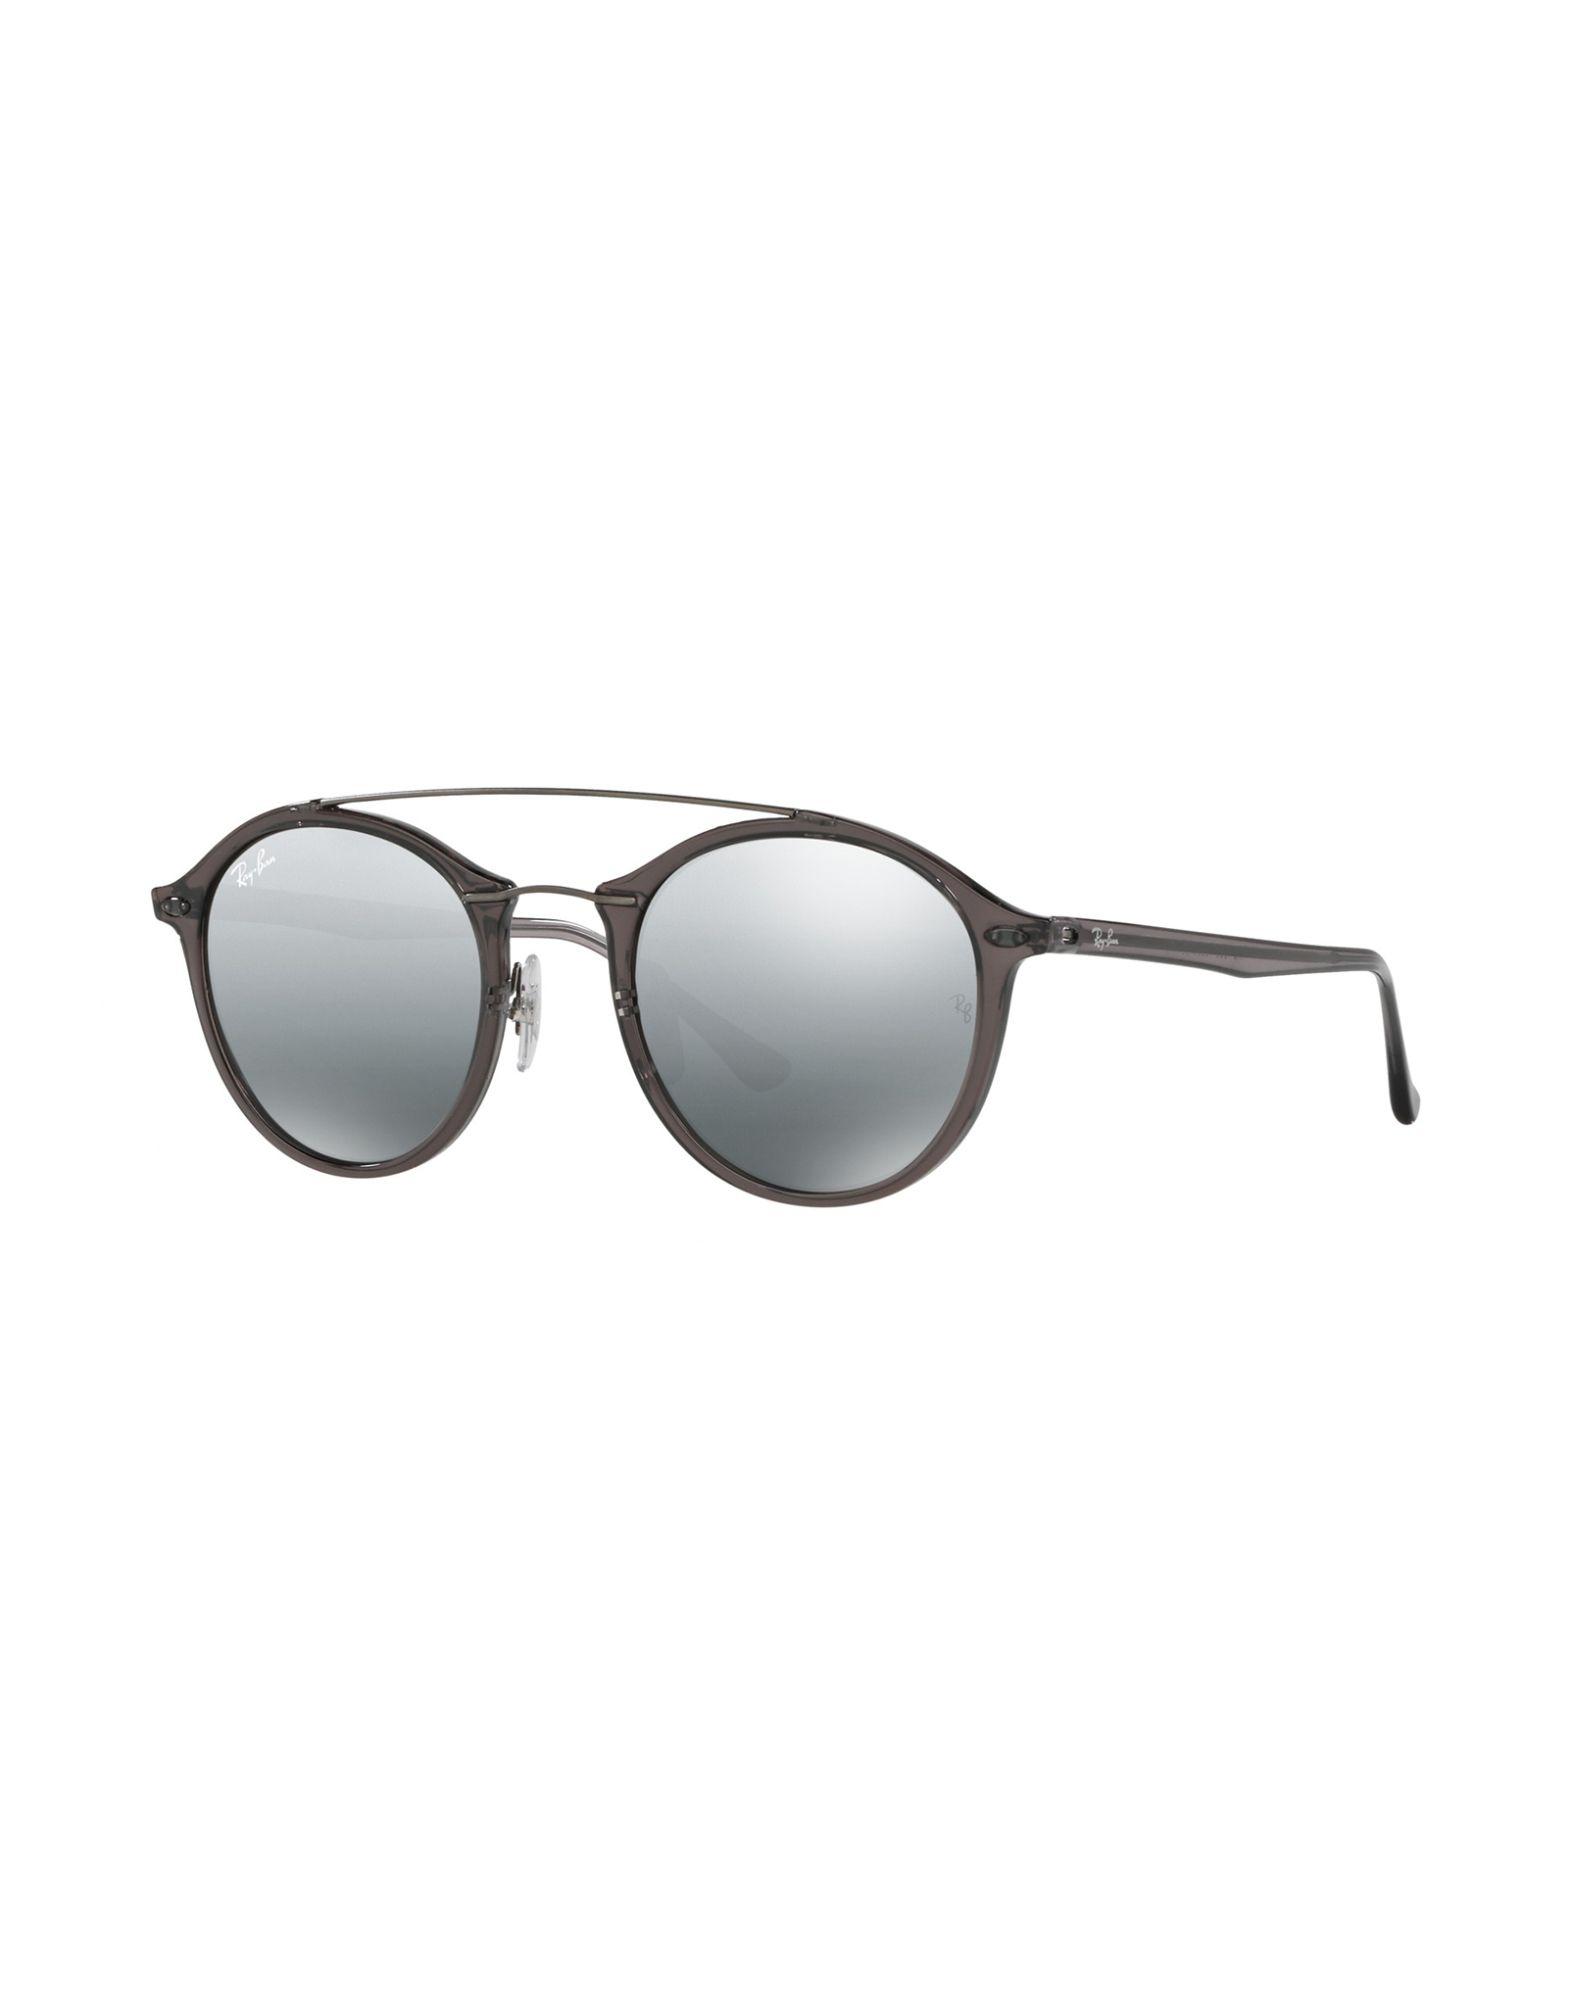 Occhiali Da Sole Ray-Ban Rb4266 - Uomo - Acquista online su